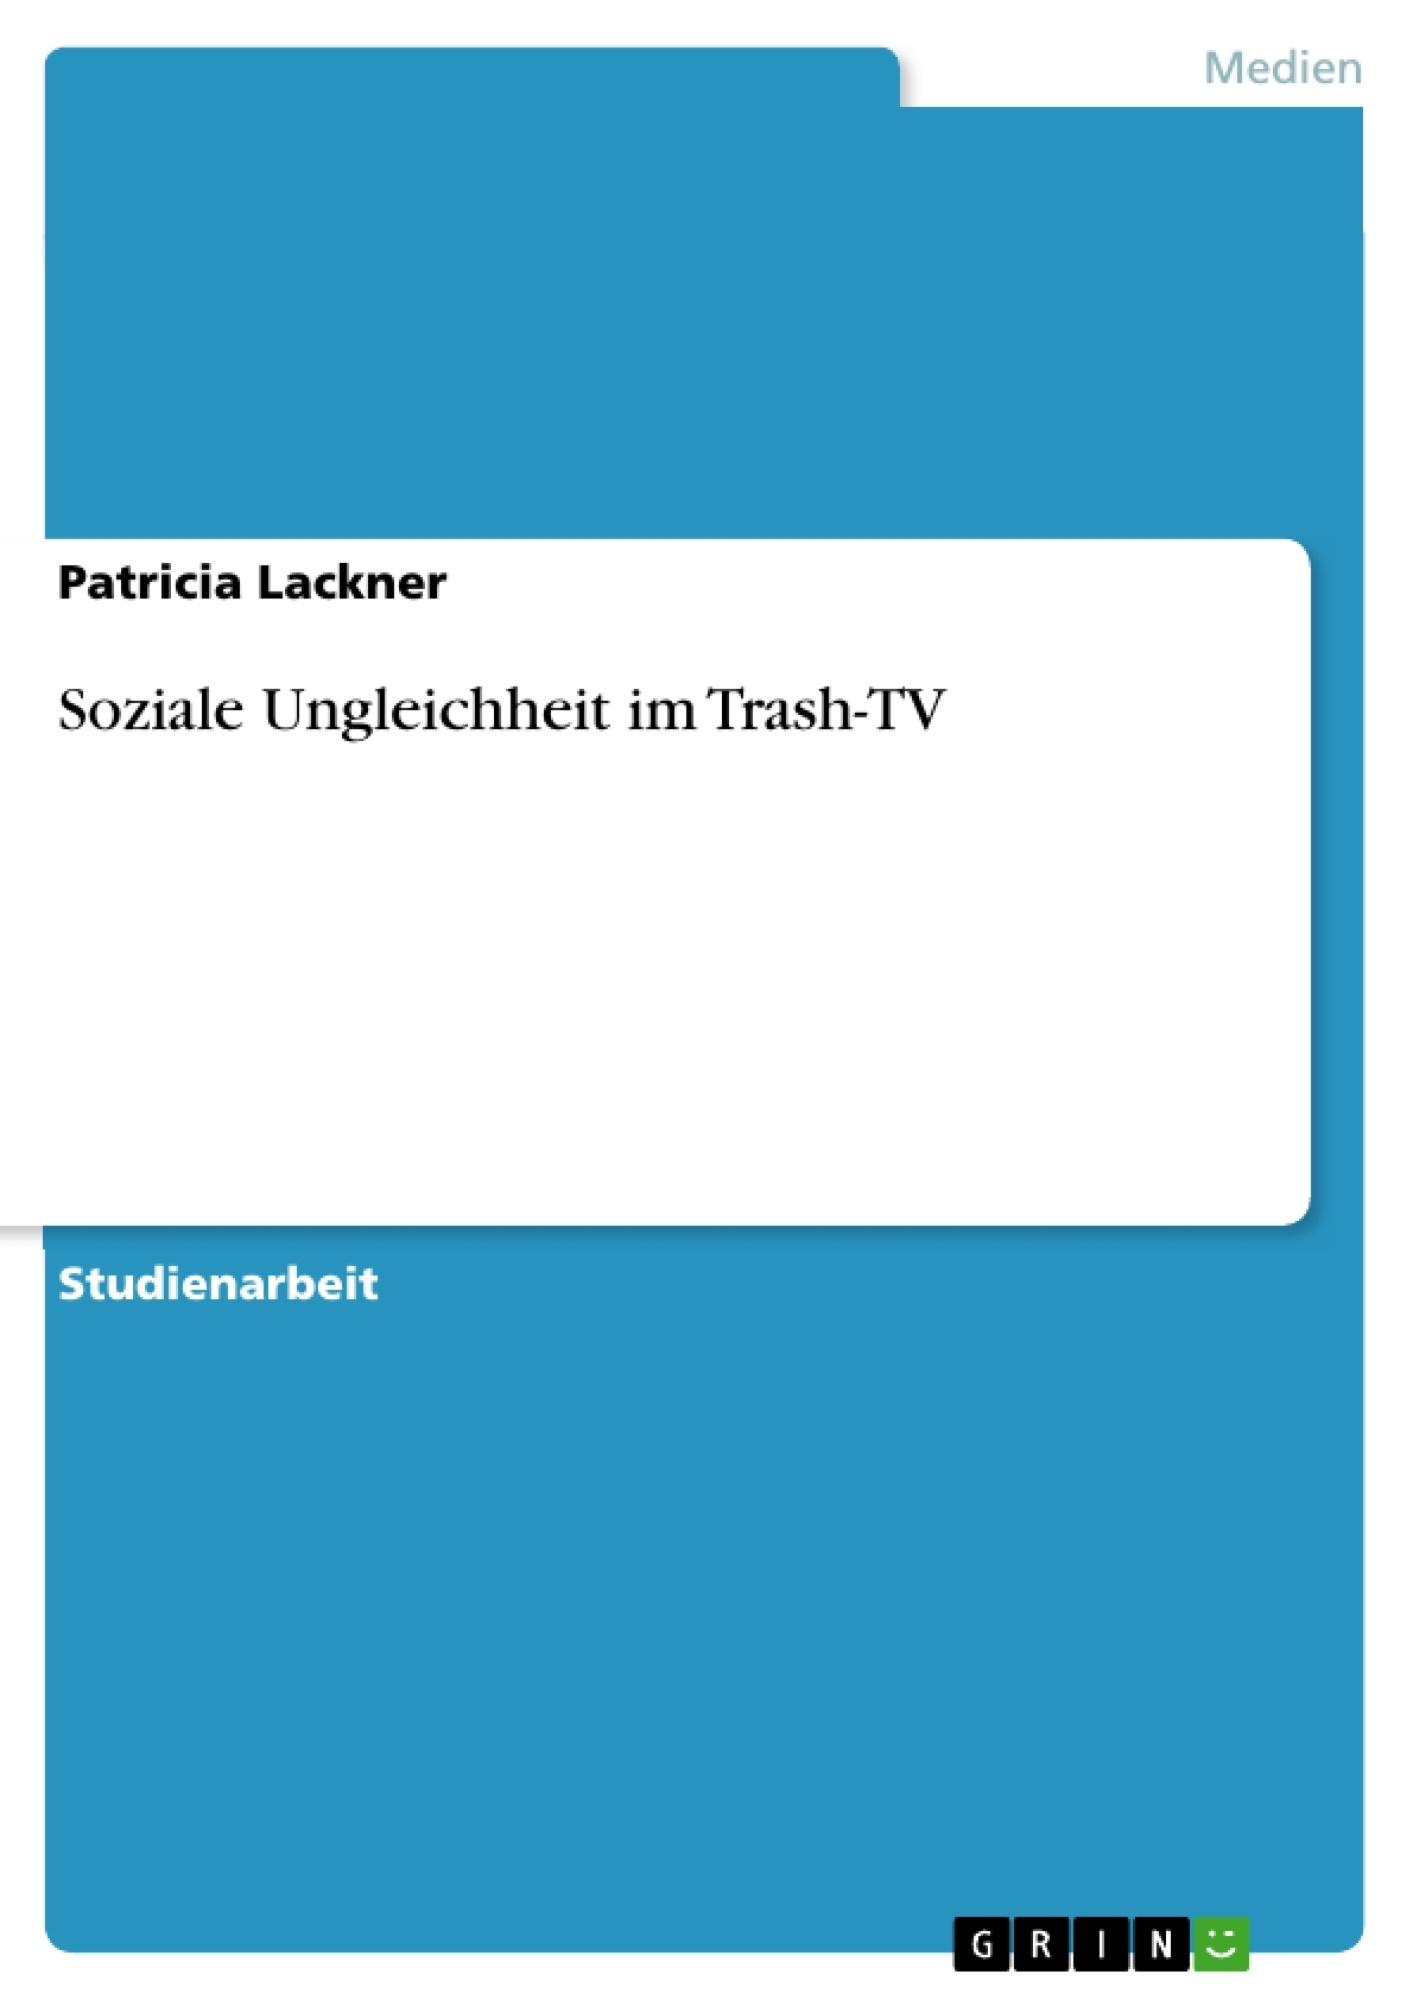 Titel: Soziale Ungleichheit im Trash-TV